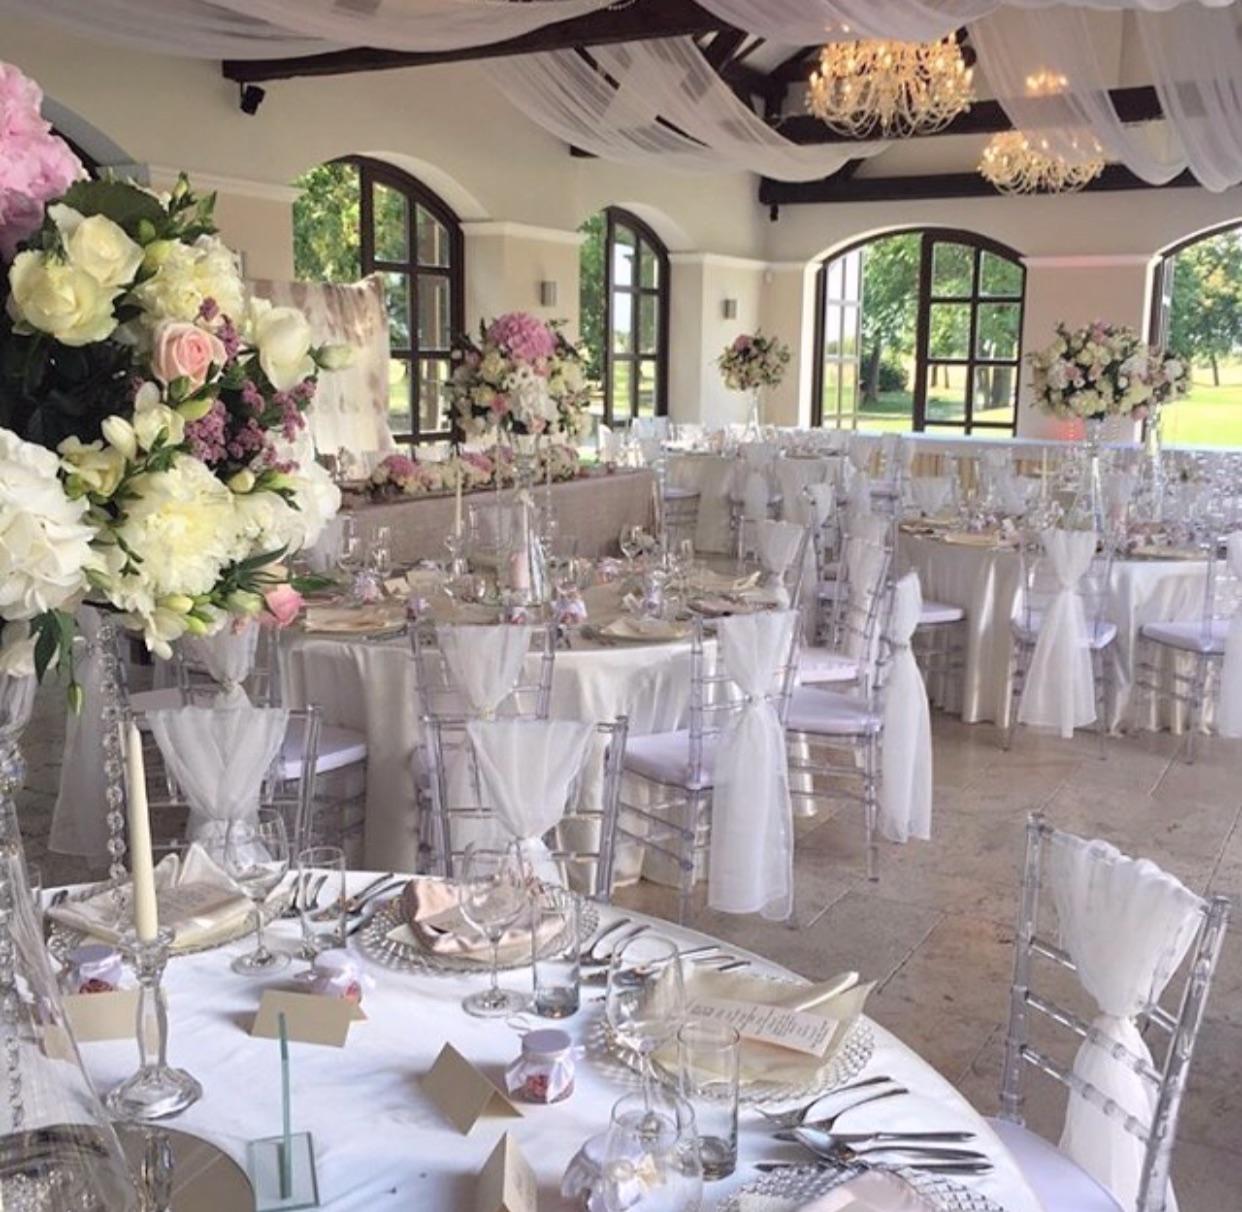 cvetni aranzmani u visokim vayama ya dekoraciju svadbe